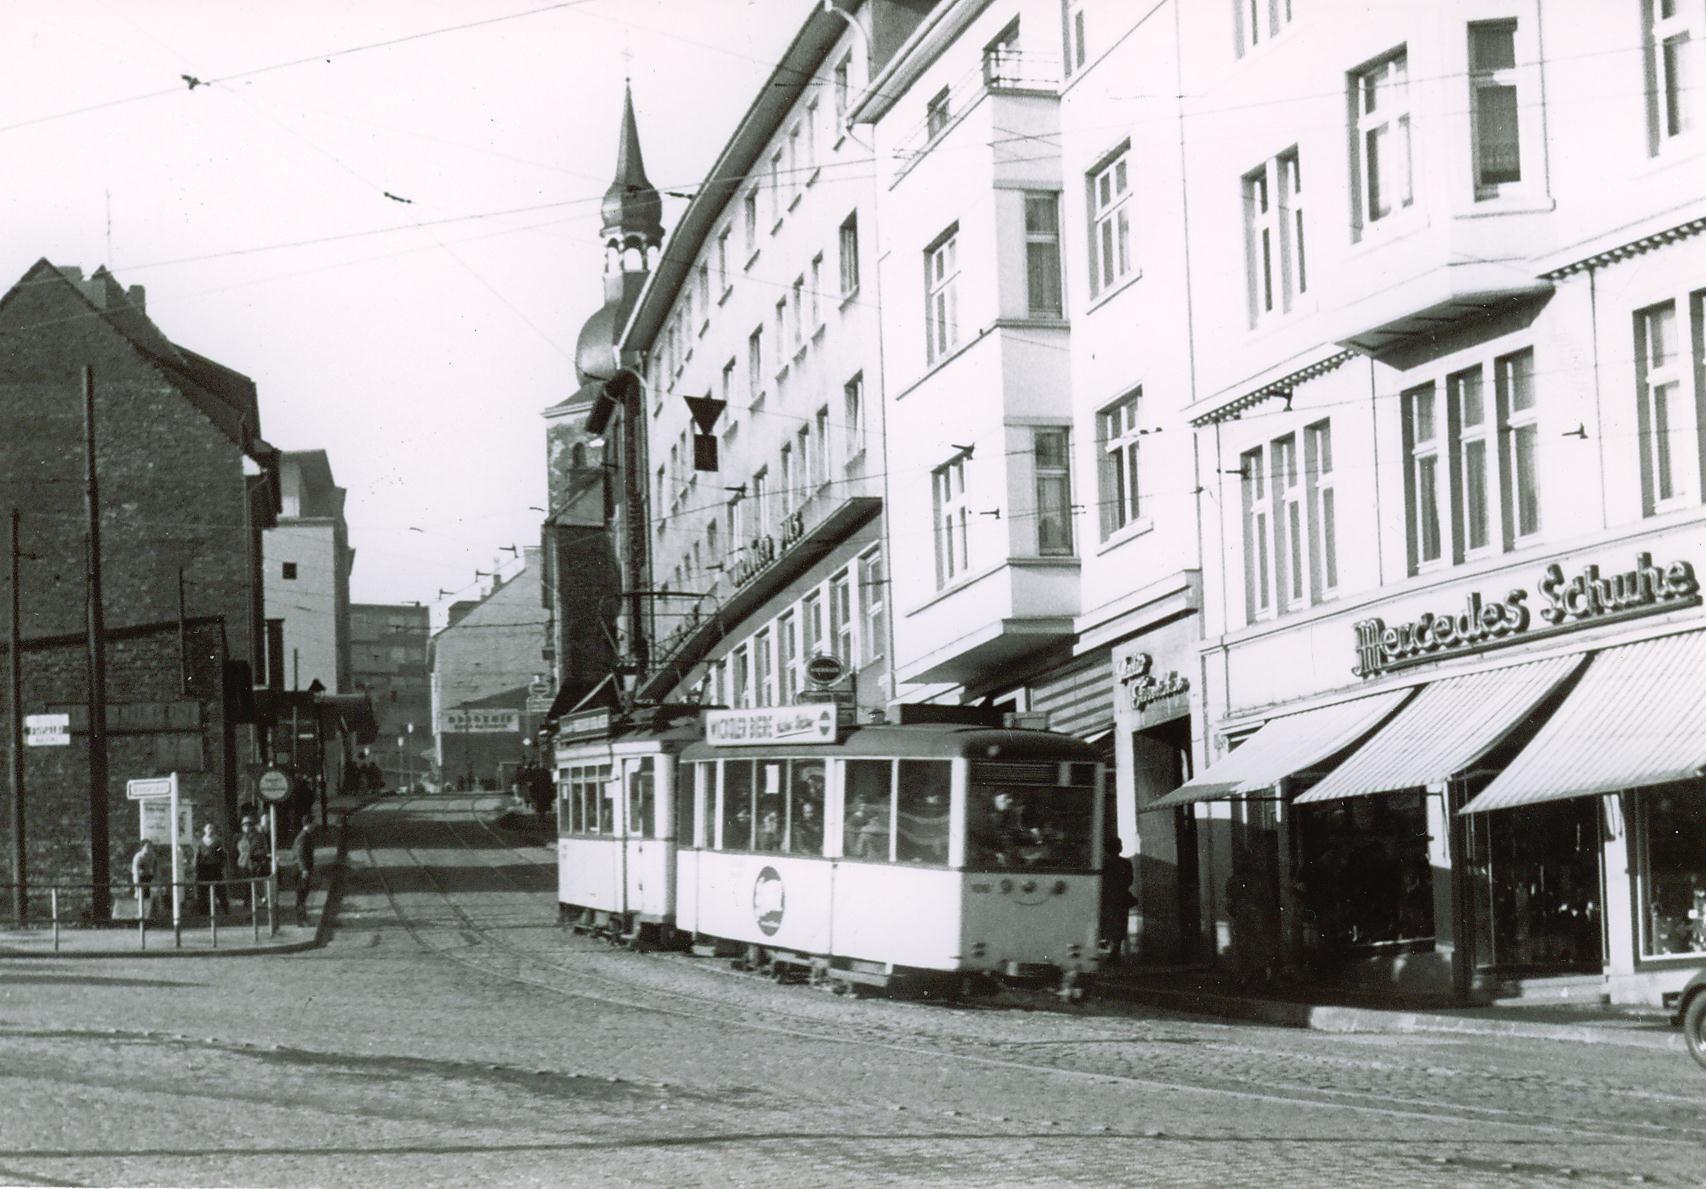 Die Alte Hindenburgstraße, das steilste Teilstück der Remscheider Straßenbahn. Foto: Wikipedia